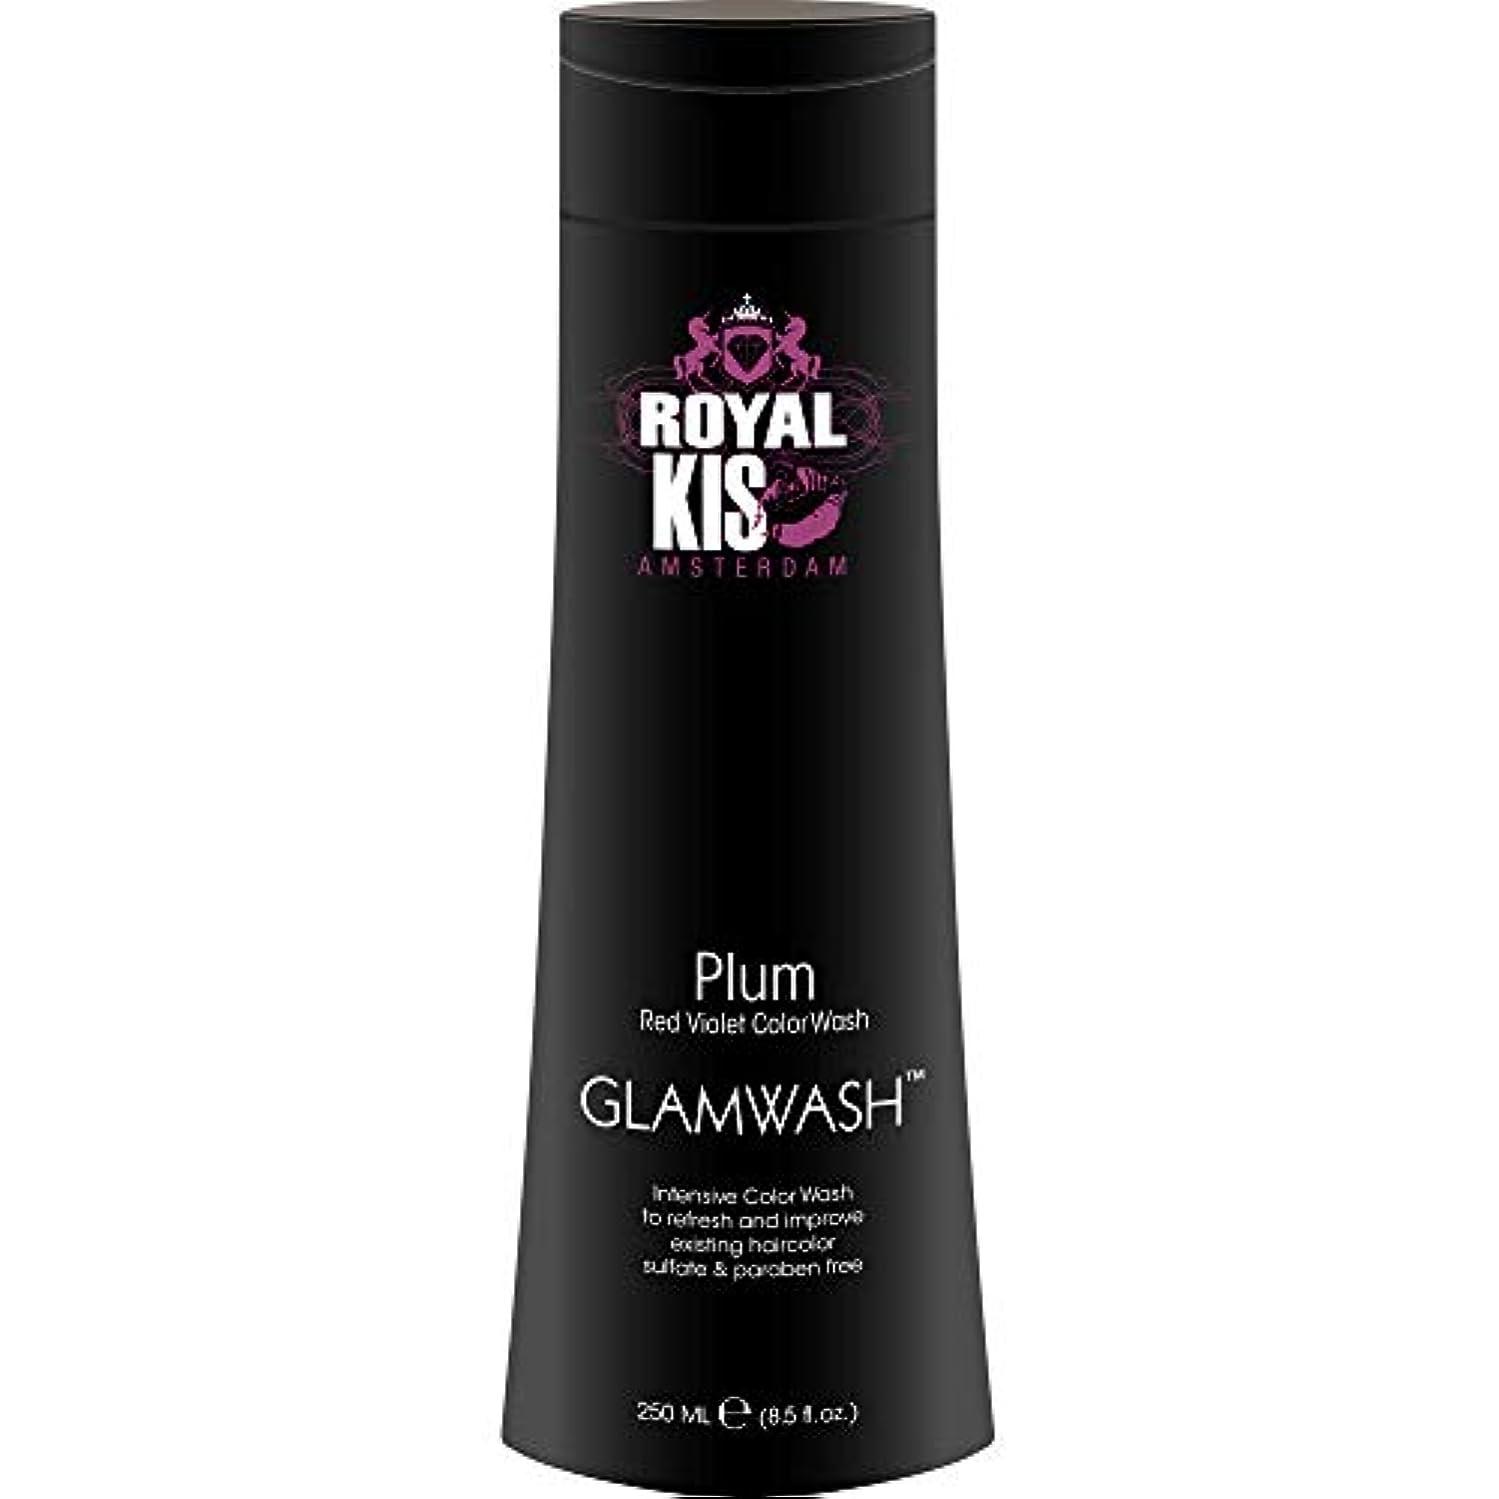 増強する私の示すKappers Kis GlamWashプラム(赤紫)-250ml濃色ウォッシュ